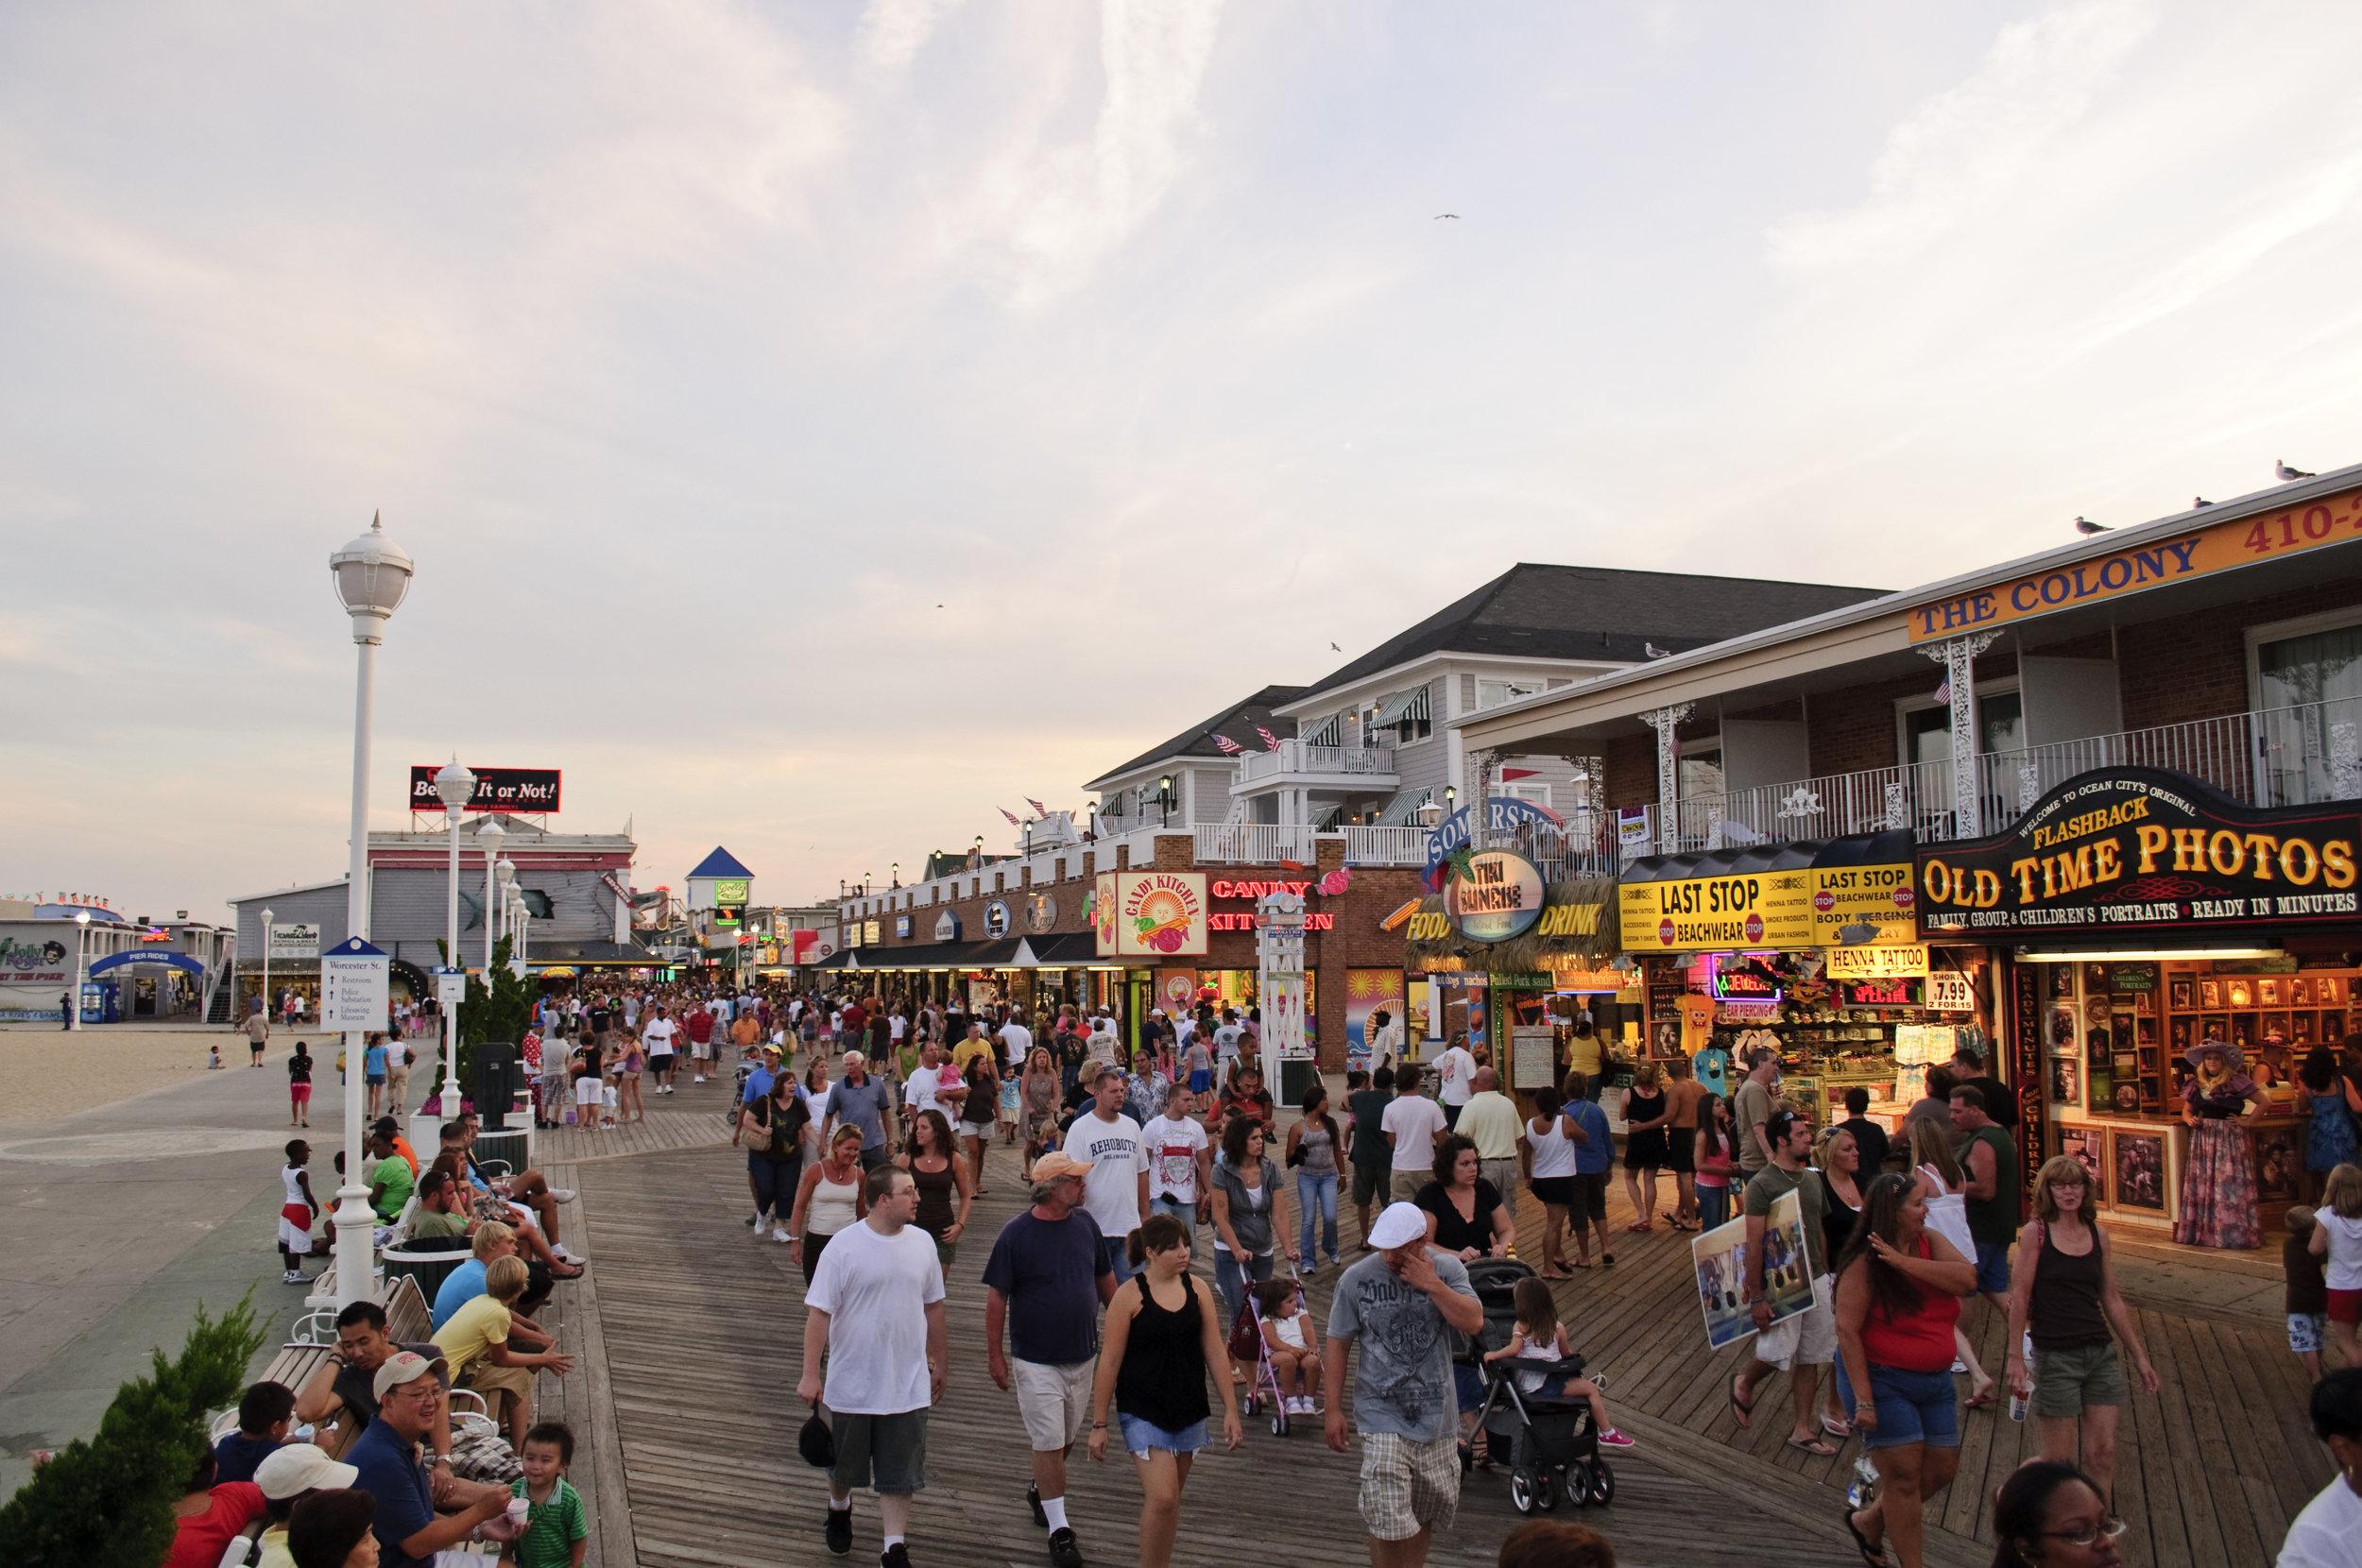 Ocean_City_MD_Boardwalk_August_2009_1.jpg